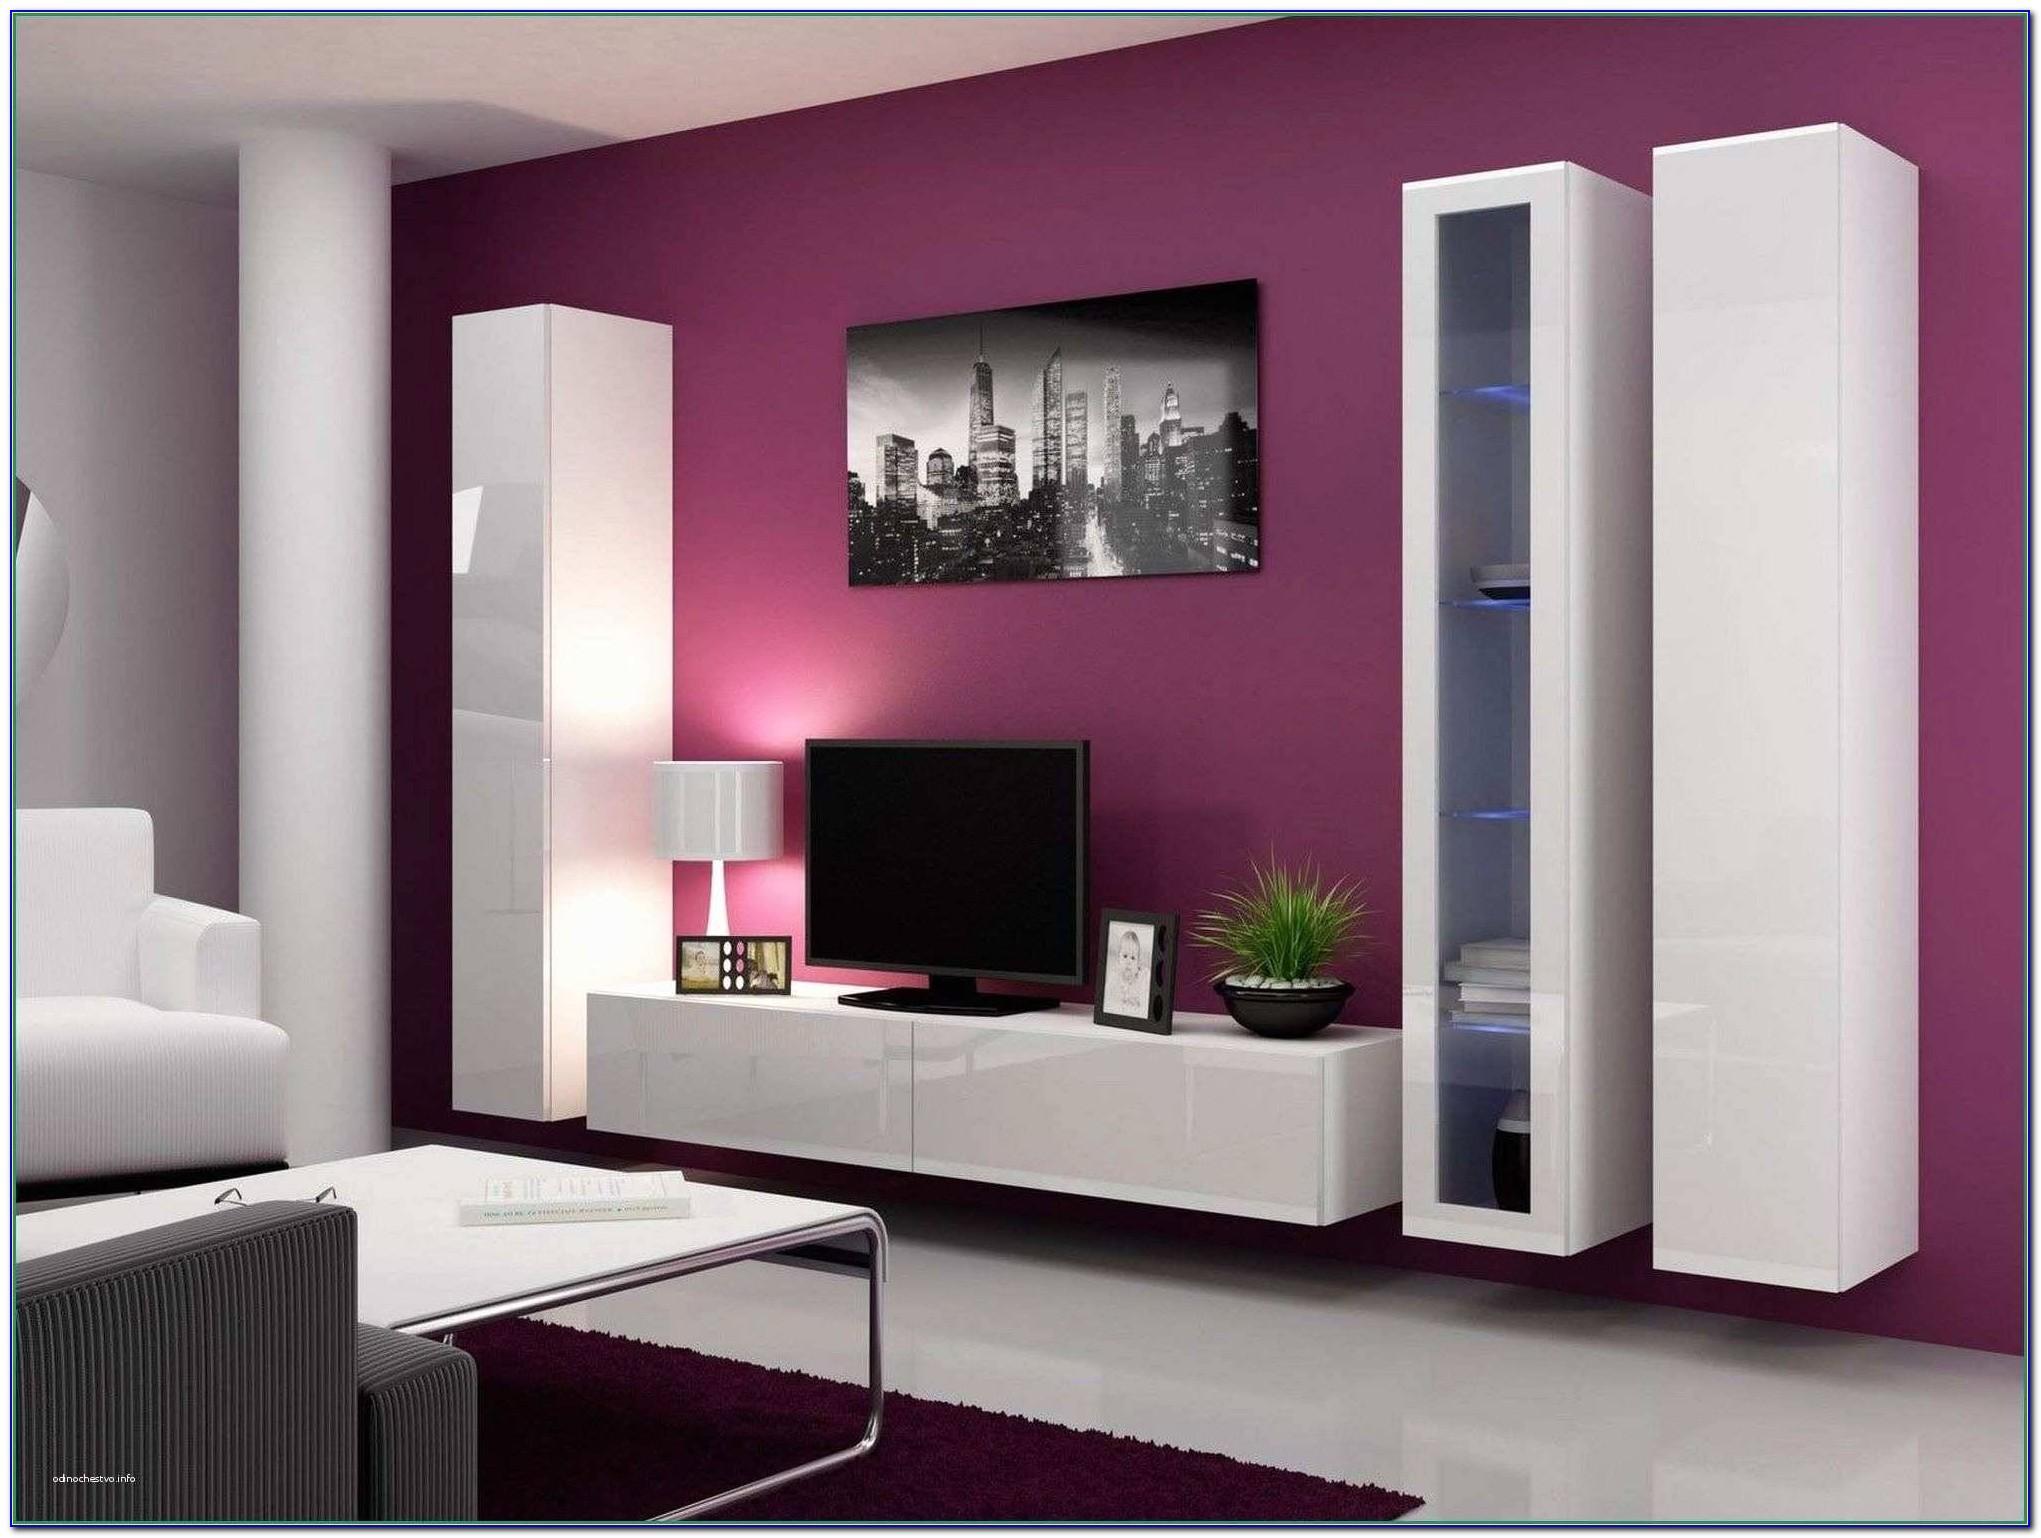 Wohnzimmer Wei Grau Schwarz